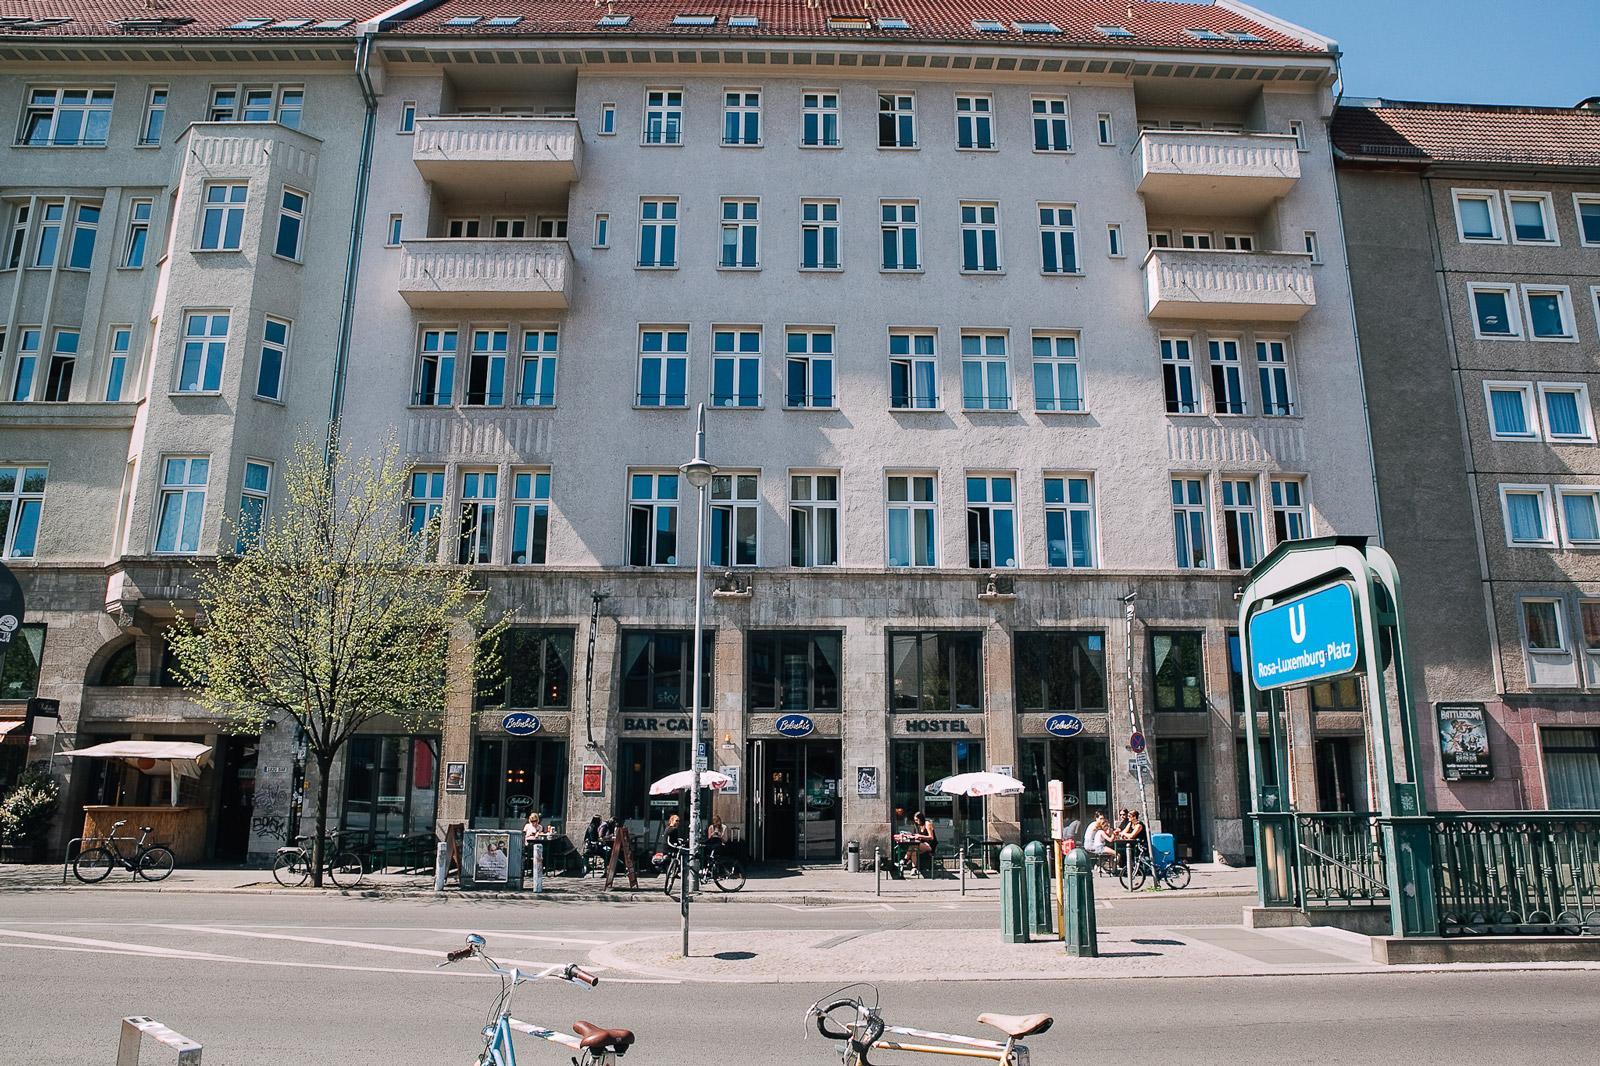 St Christopher's Inn Berlin